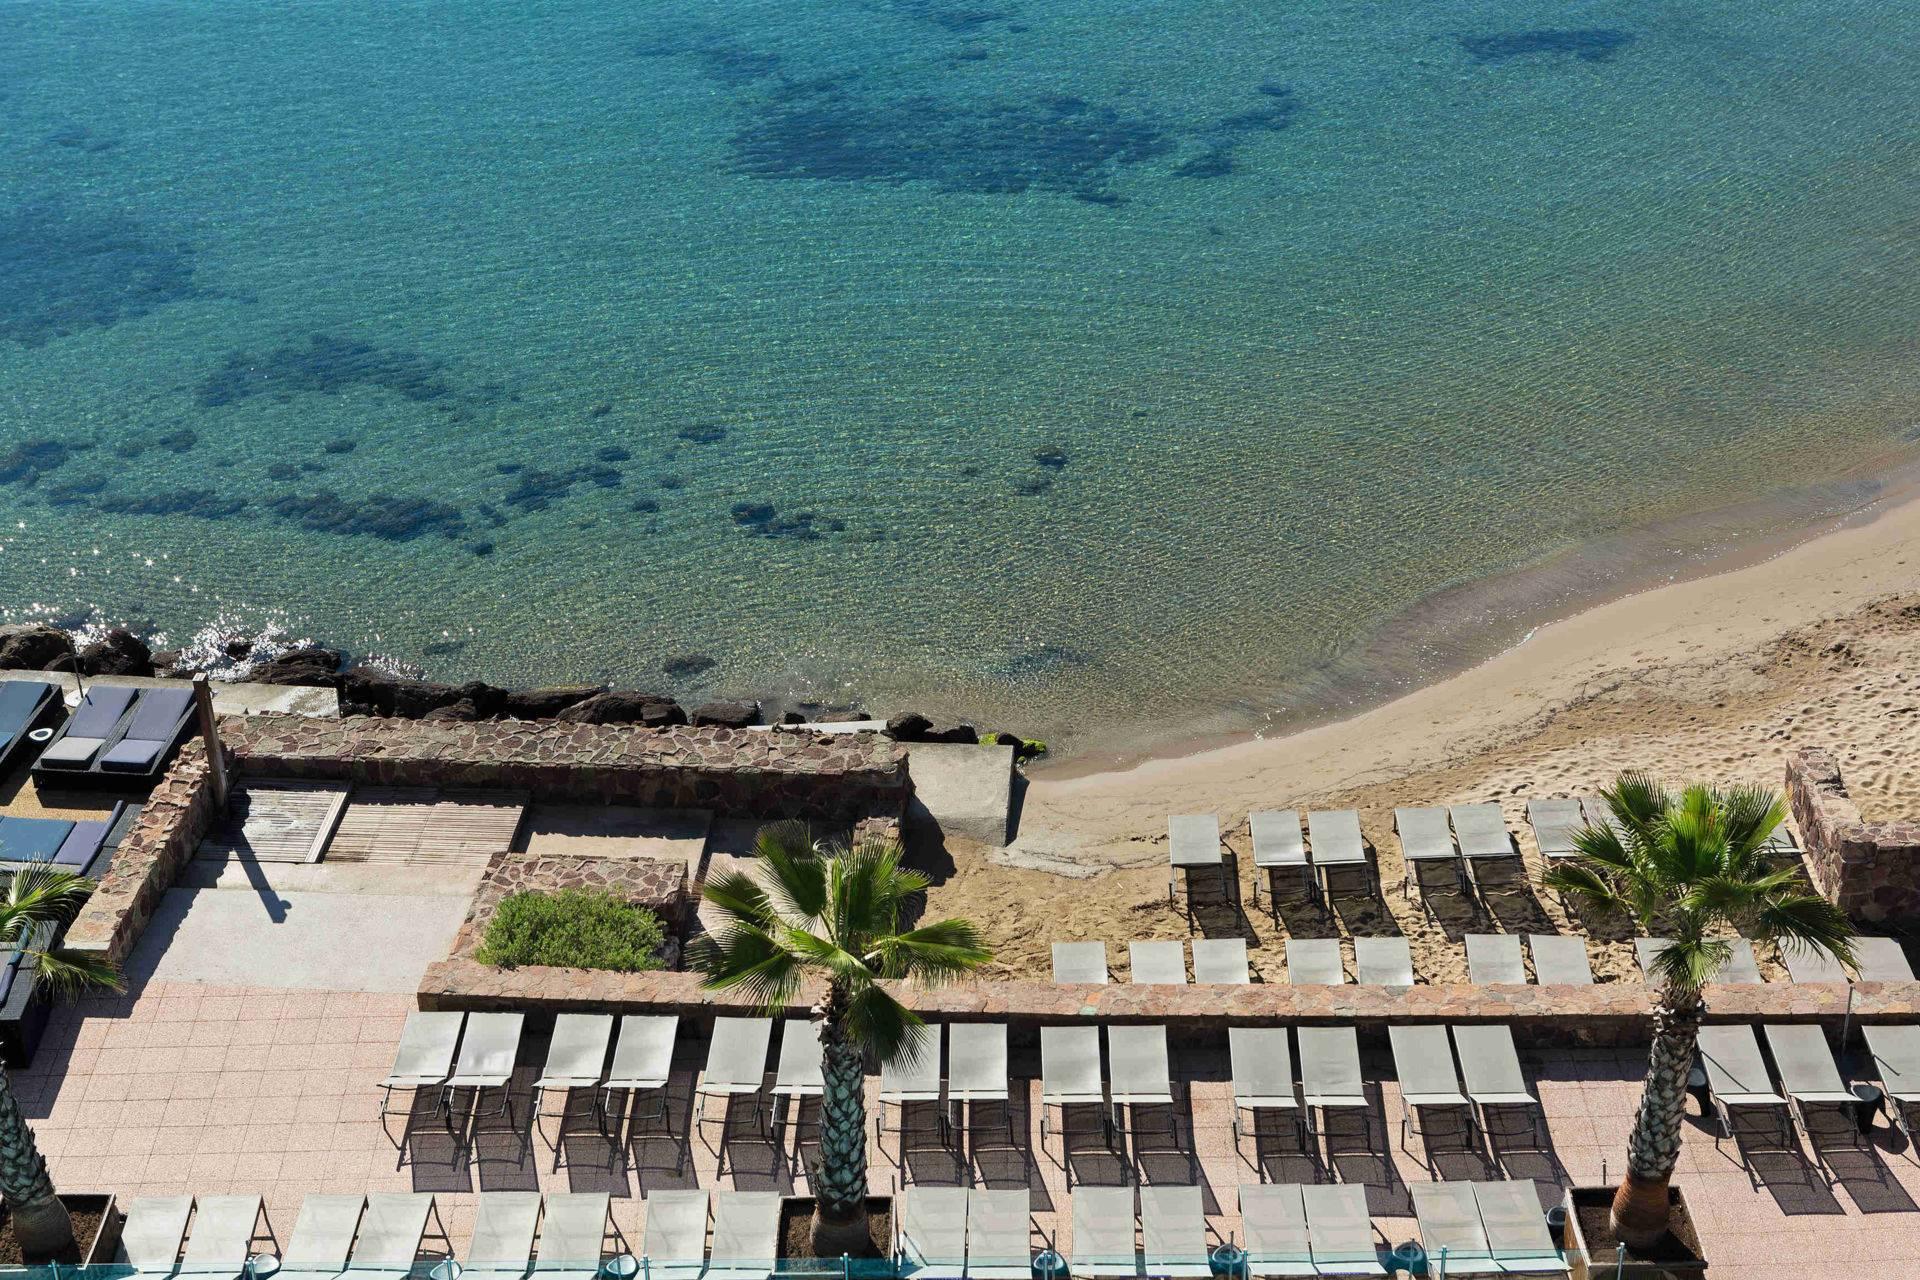 Plage privée Cannes Mandelieu casino JOA